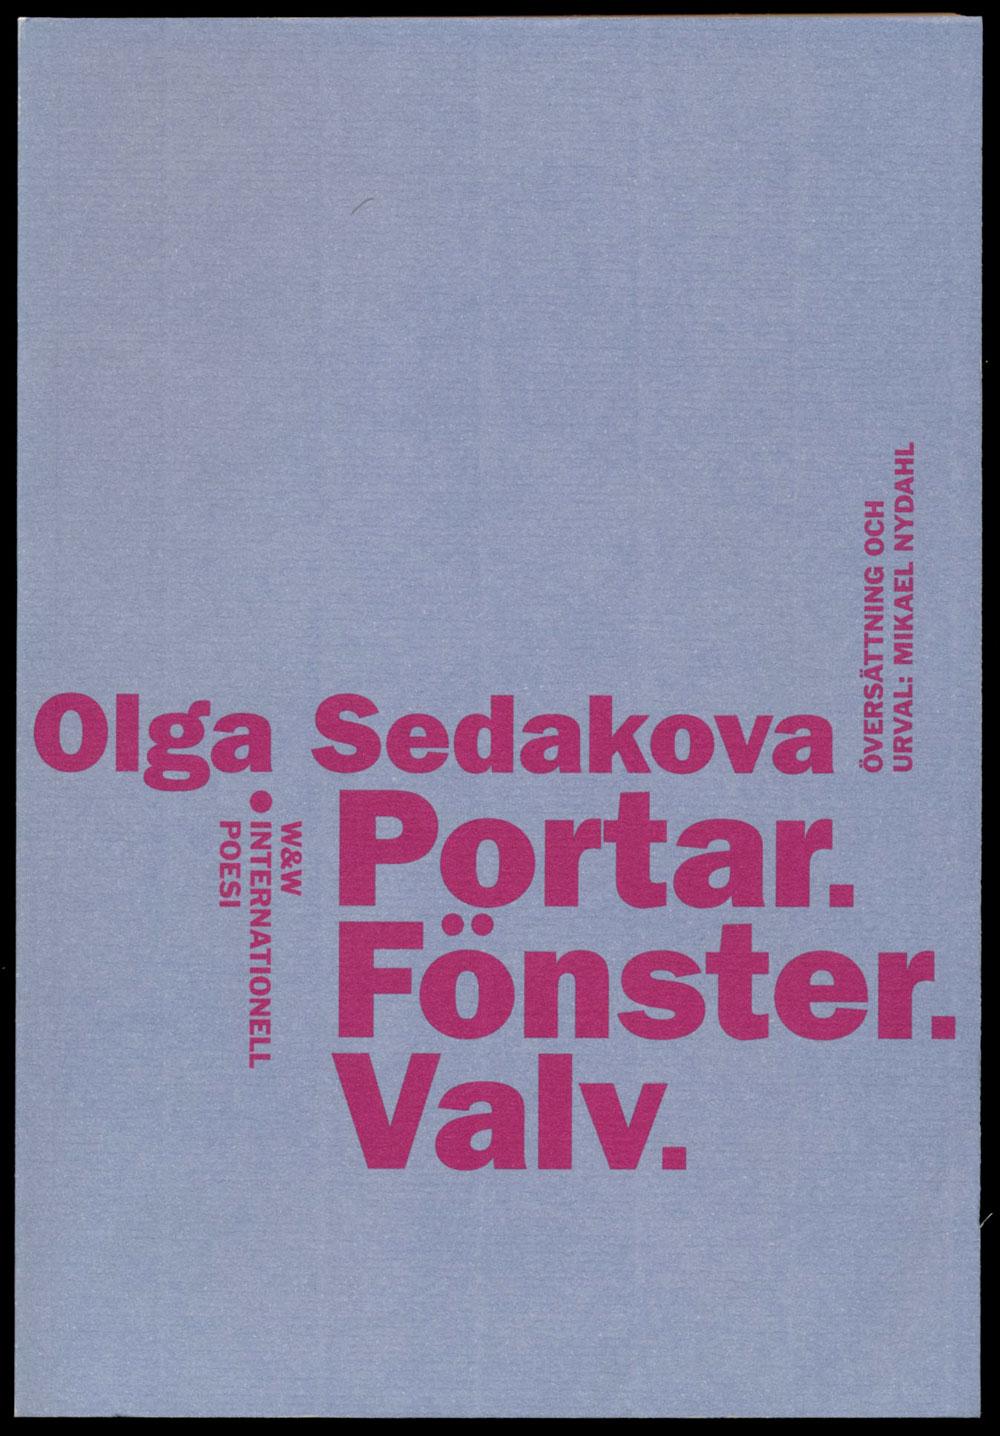 Olga Sedakova Portar fönster valv Wahlström & Widstrands serie med internationell poesi